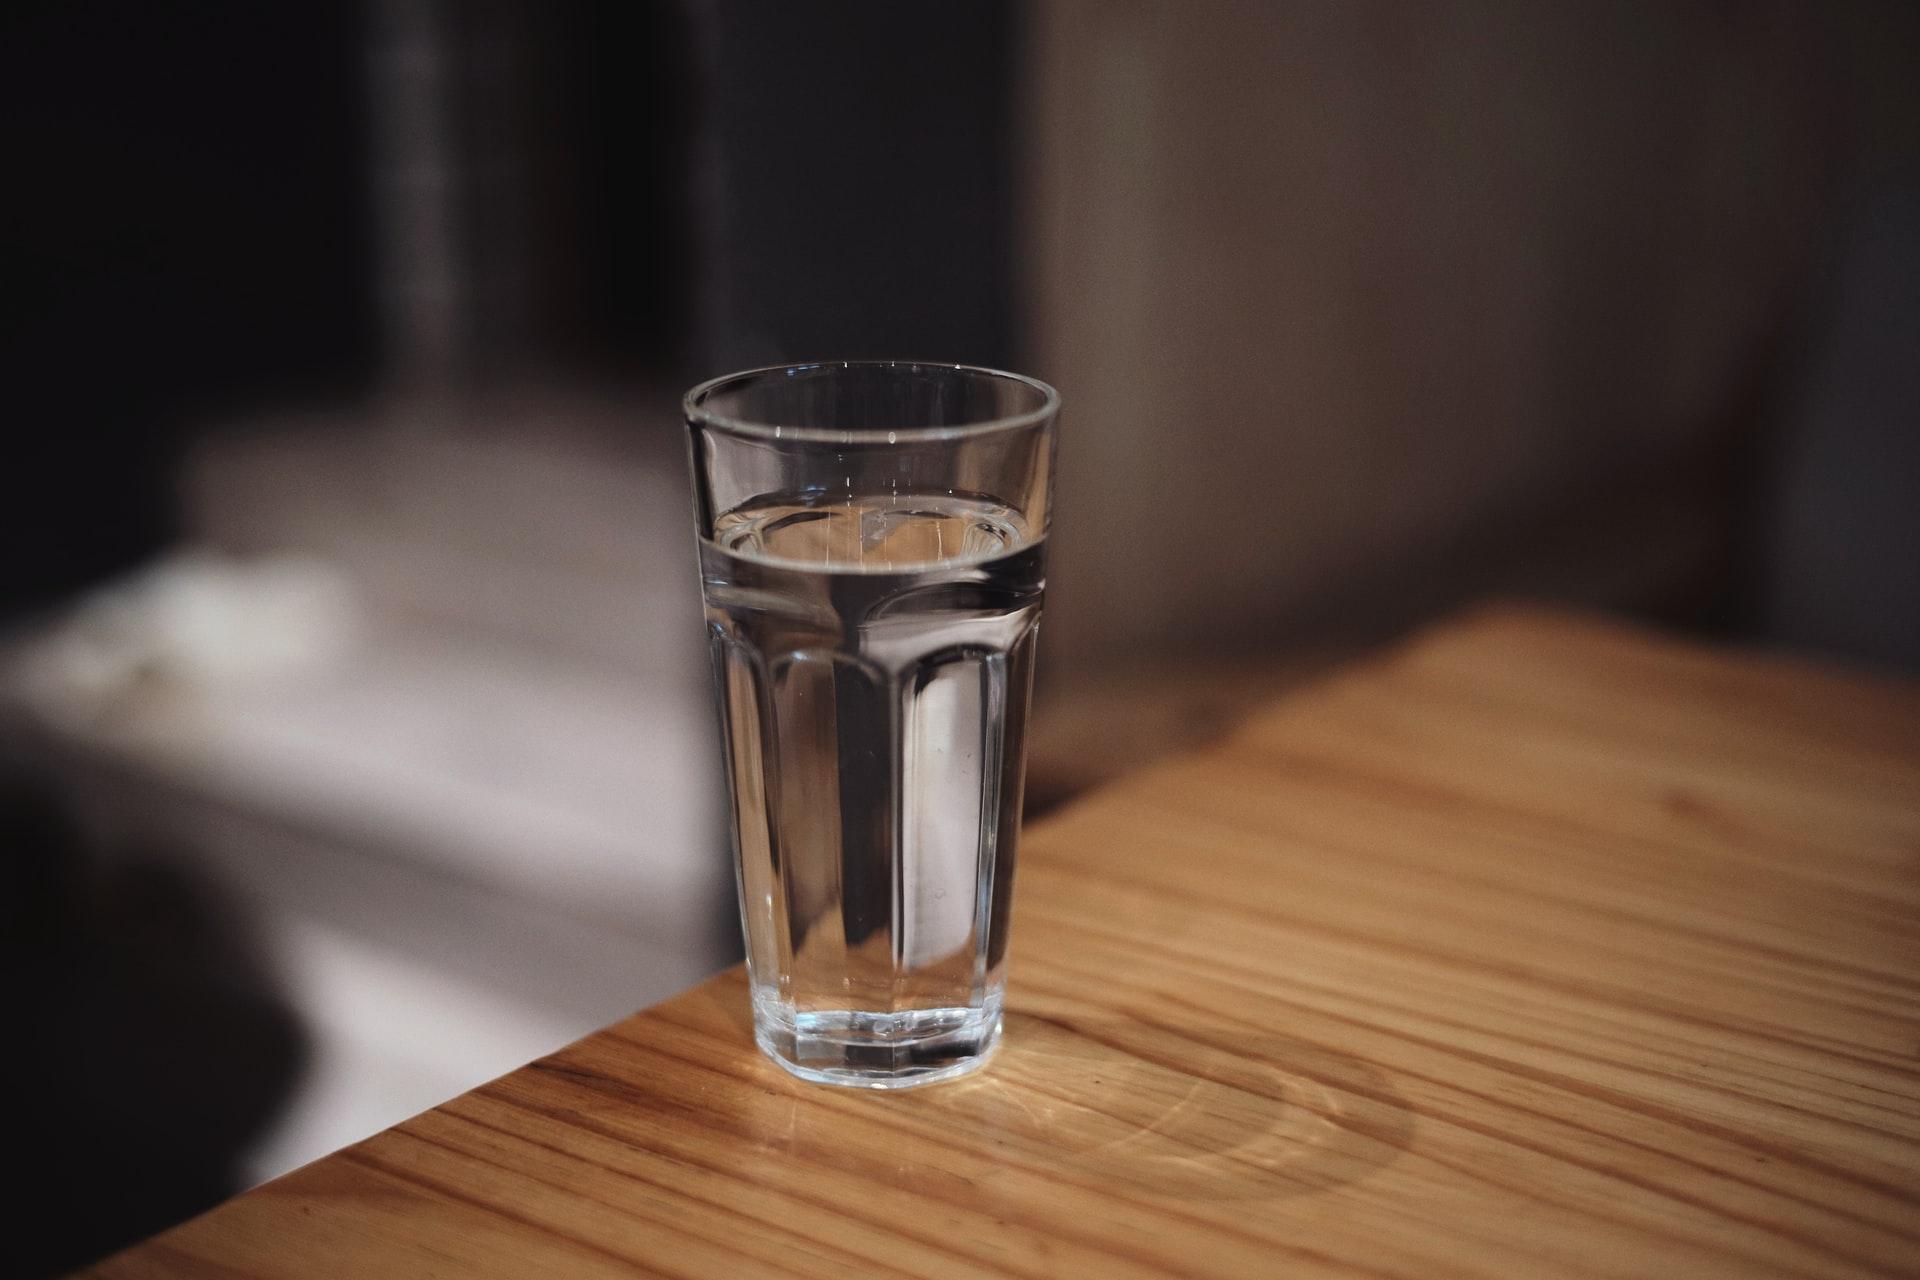 El agua mineral baja en sodio previene enfermedades cardiovasculares y tiene efectos diuréticos